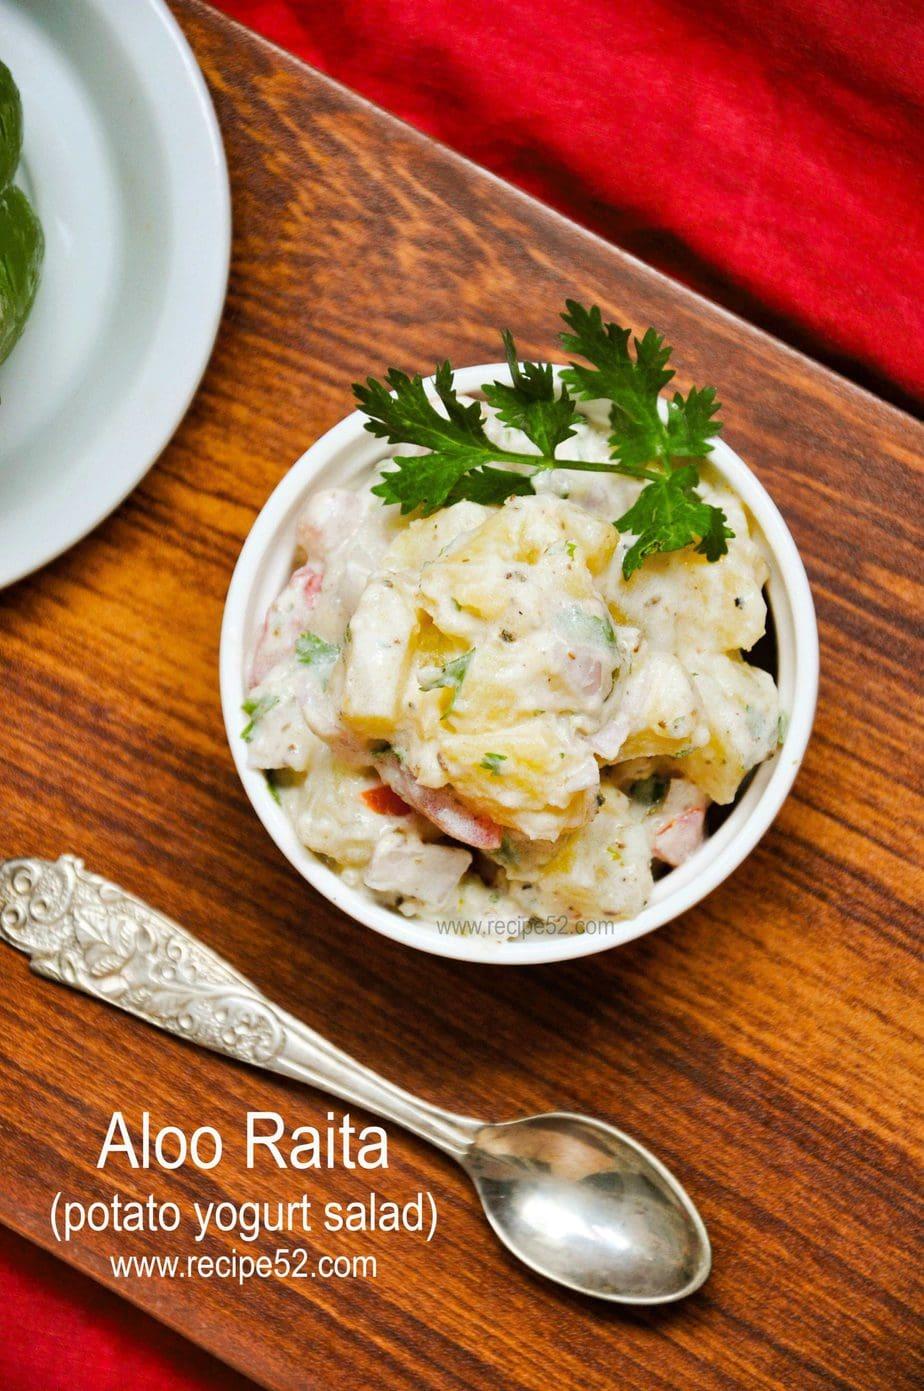 potato yogurt salad